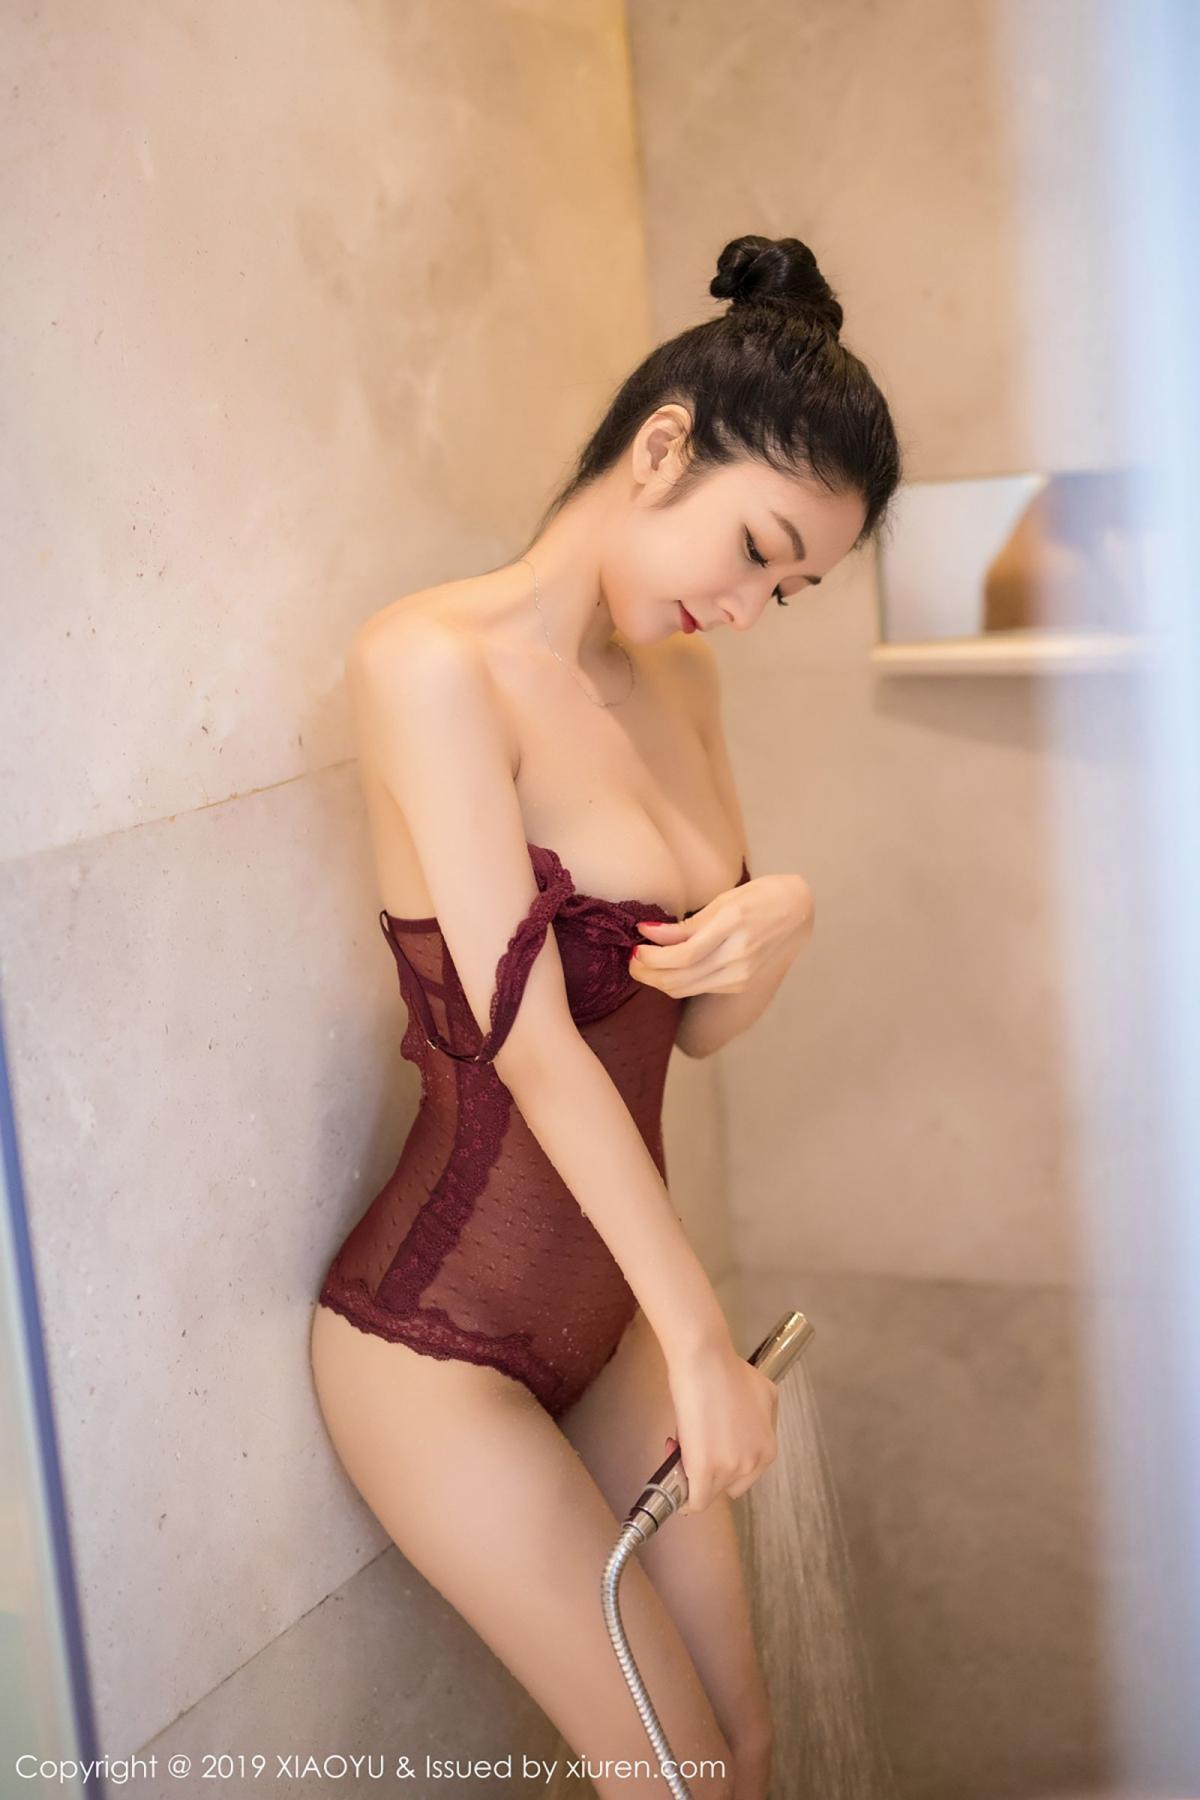 [XiaoYu] Vol.017 Di Yi 30P, Bathroom, Di Yi, Underwear, Wet, XiaoYu